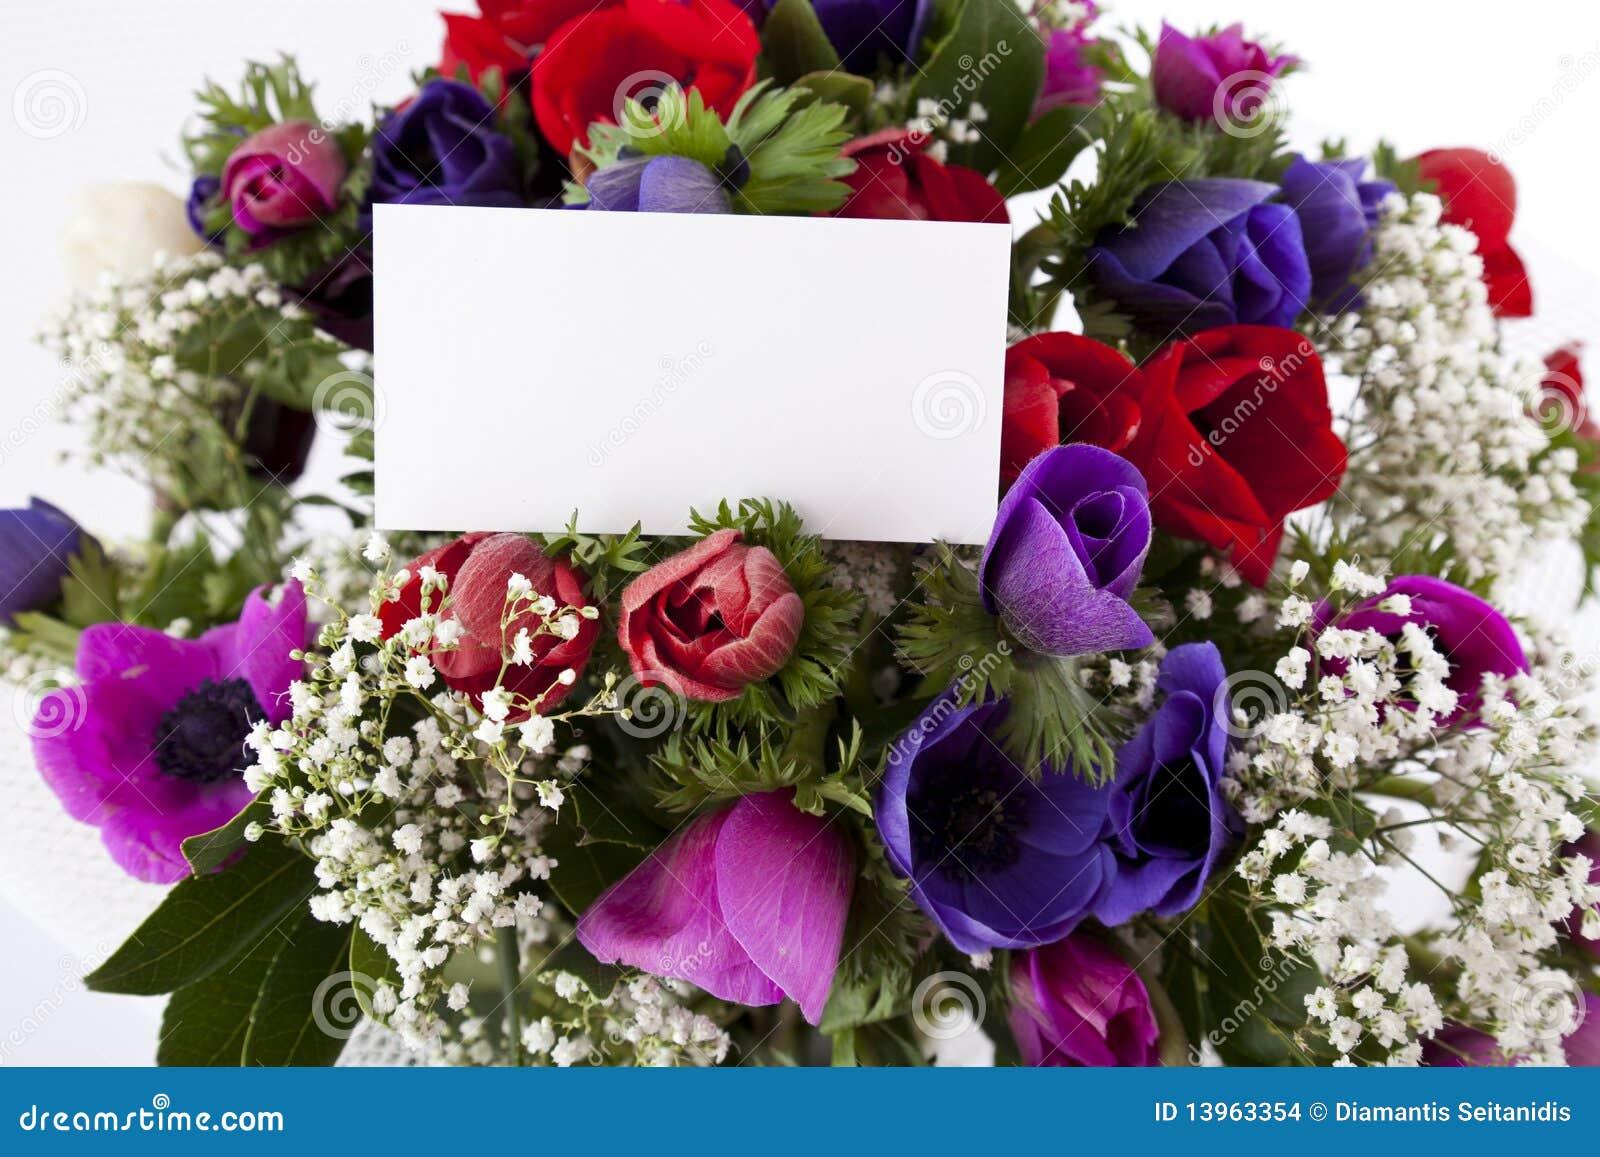 Bouquet des fleurs avec la carte blanche vierge images for Livraison fleurs avec message